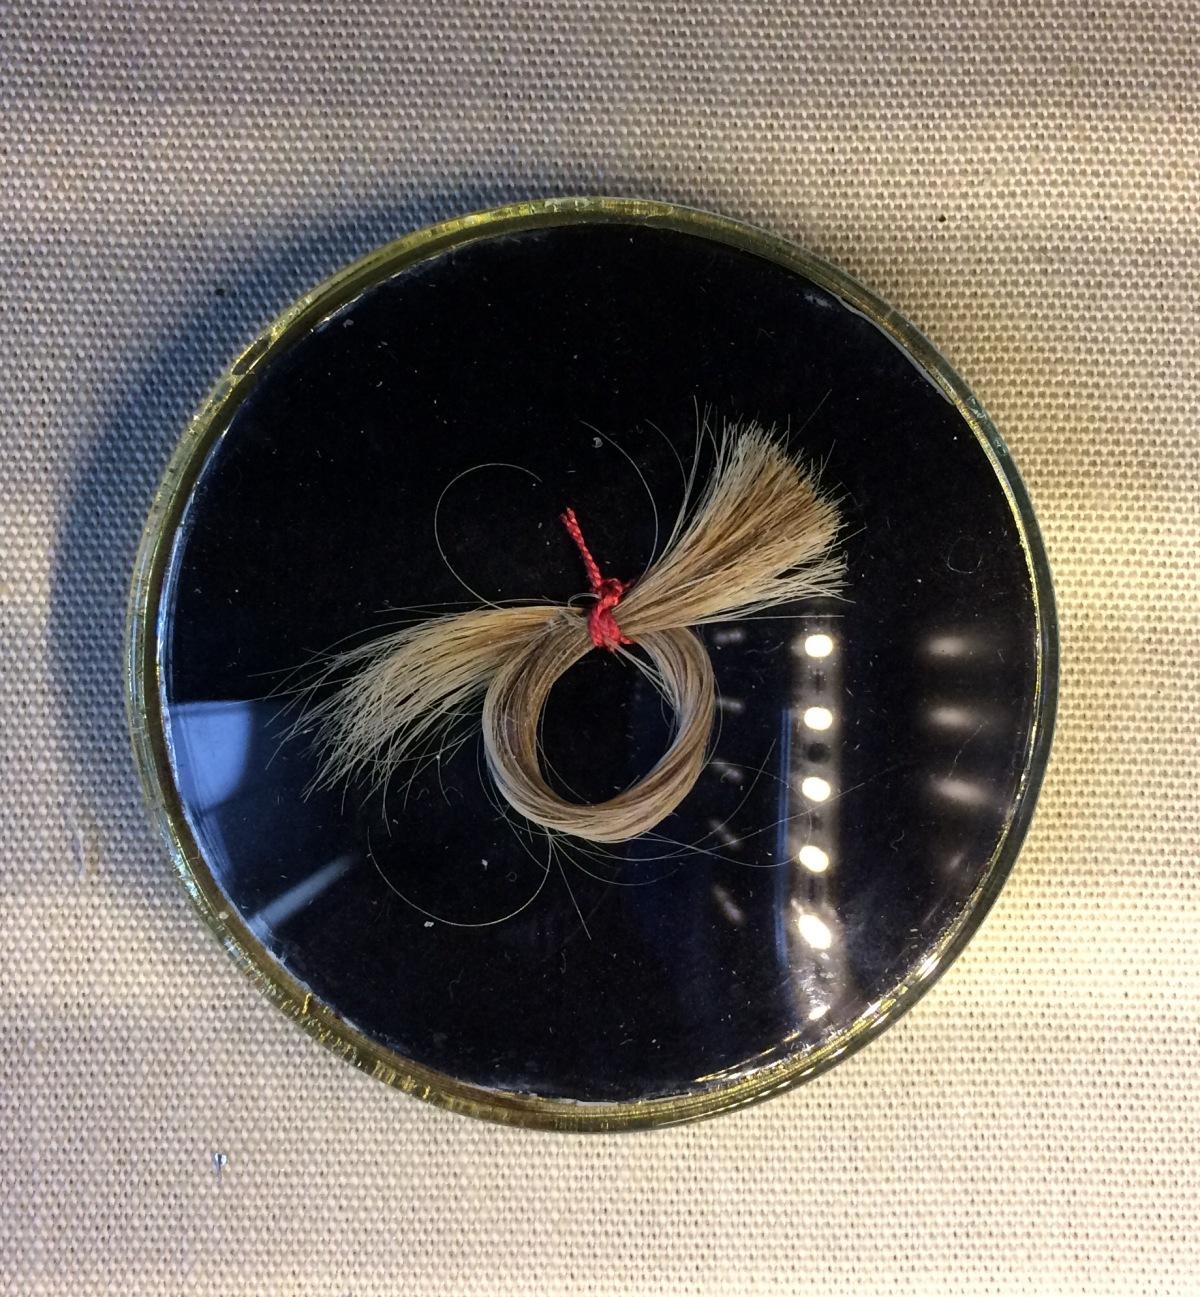 Dickens hair